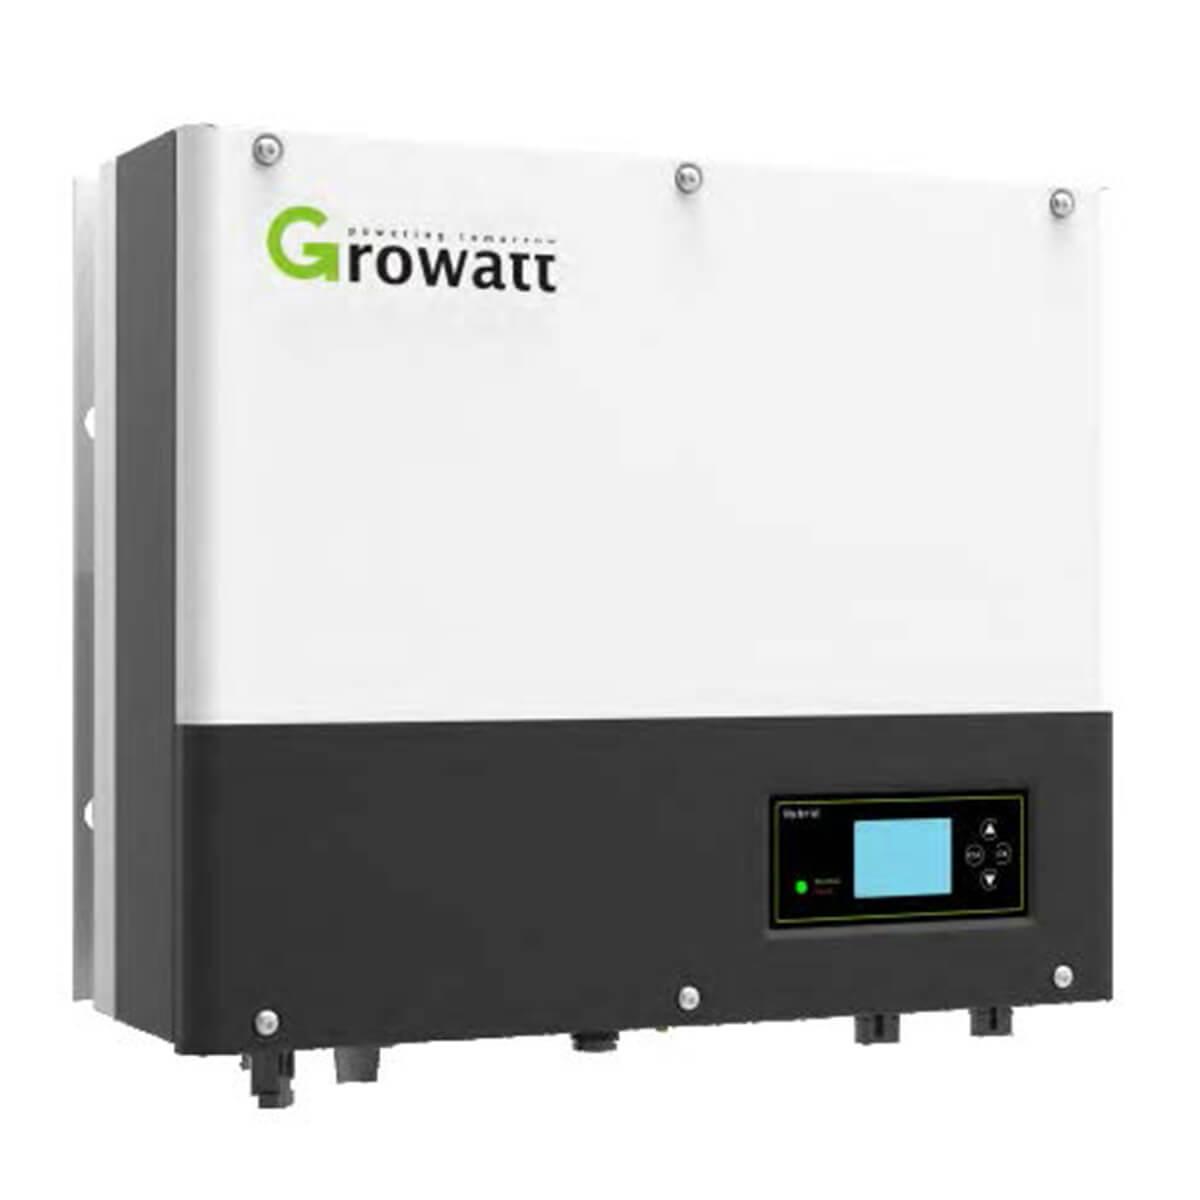 growatt 6kW hibrit inverter, growatt spa 6kW hibrit inverter, growatt spa 6000tl3 bh hibrit inverter, growatt spa 6000tl3 bh, growatt spa 6 kW, GROWATT 6 kW